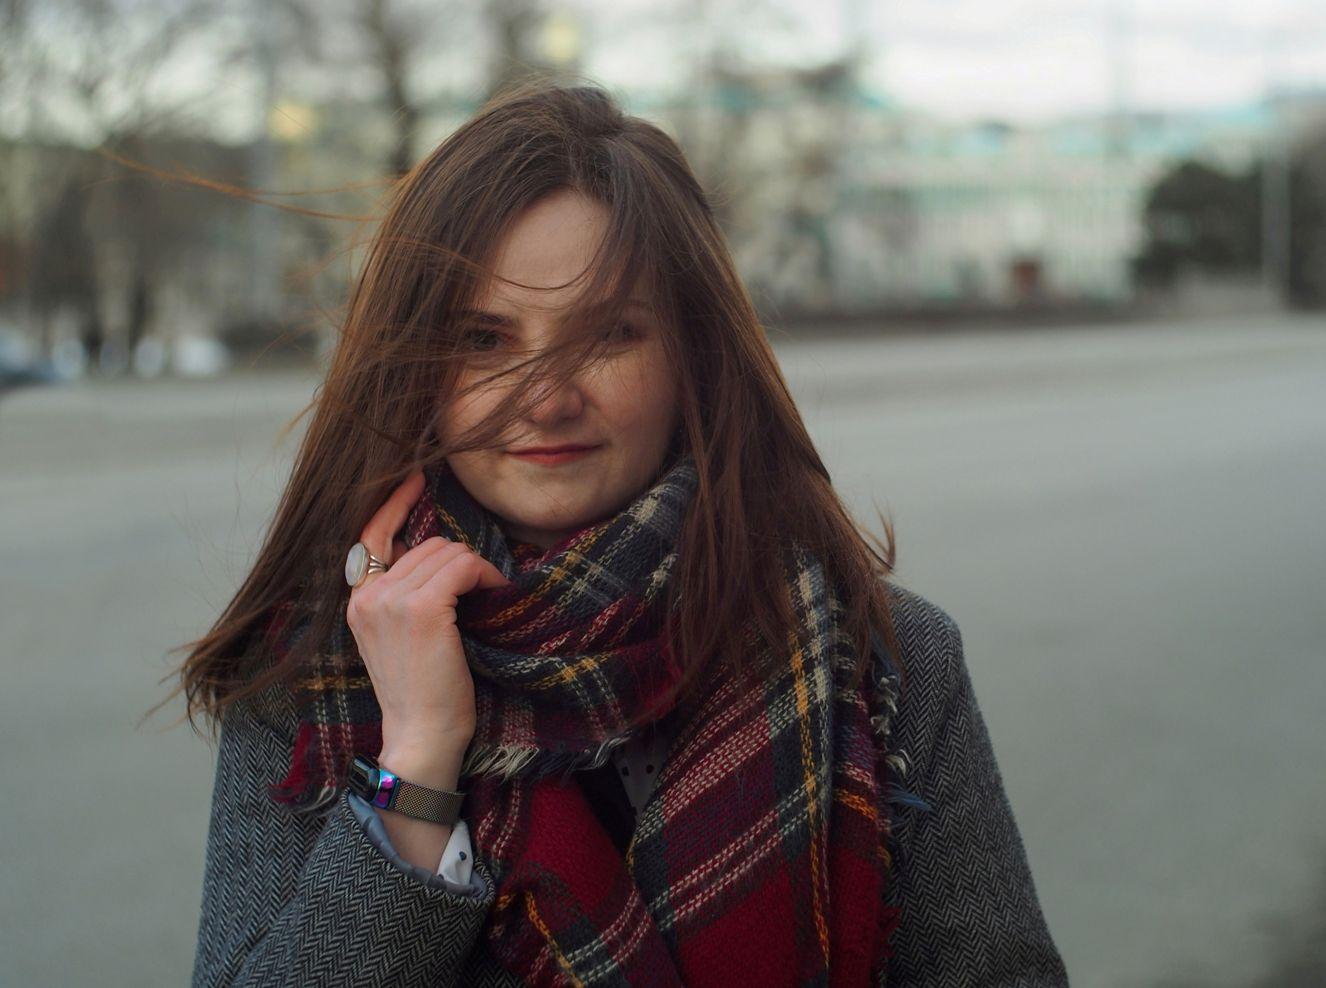 Ксения девушка улица ветер